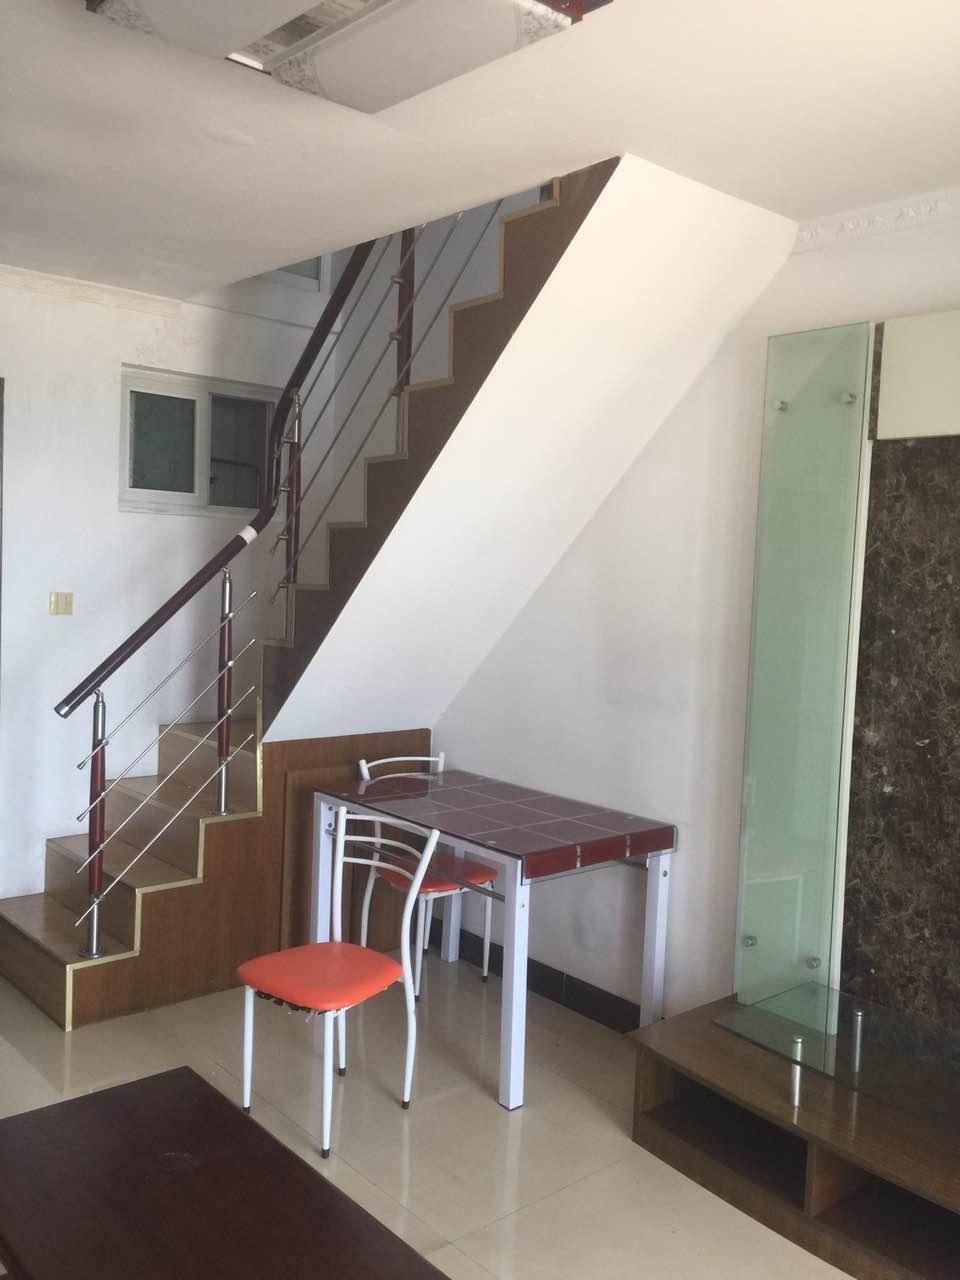 稠江现代公寓 新出稀缺房源 证齐满二 户型很好